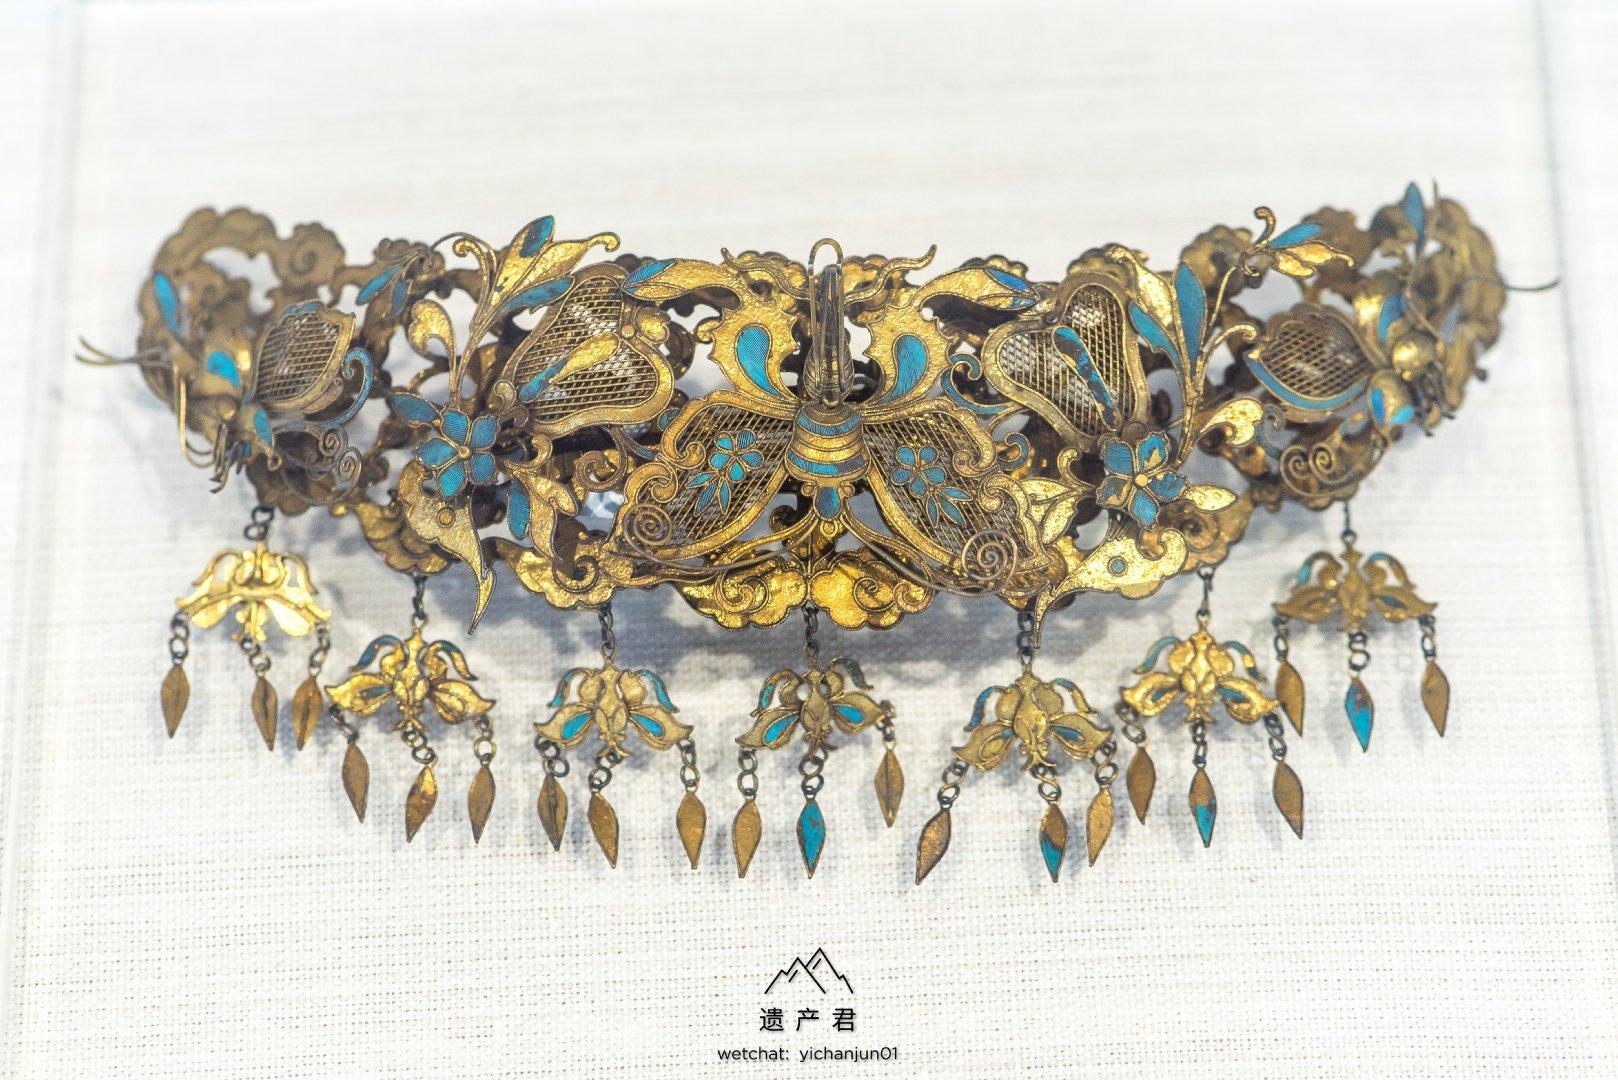 锦州市博物馆藏·清代银鎏金头饰